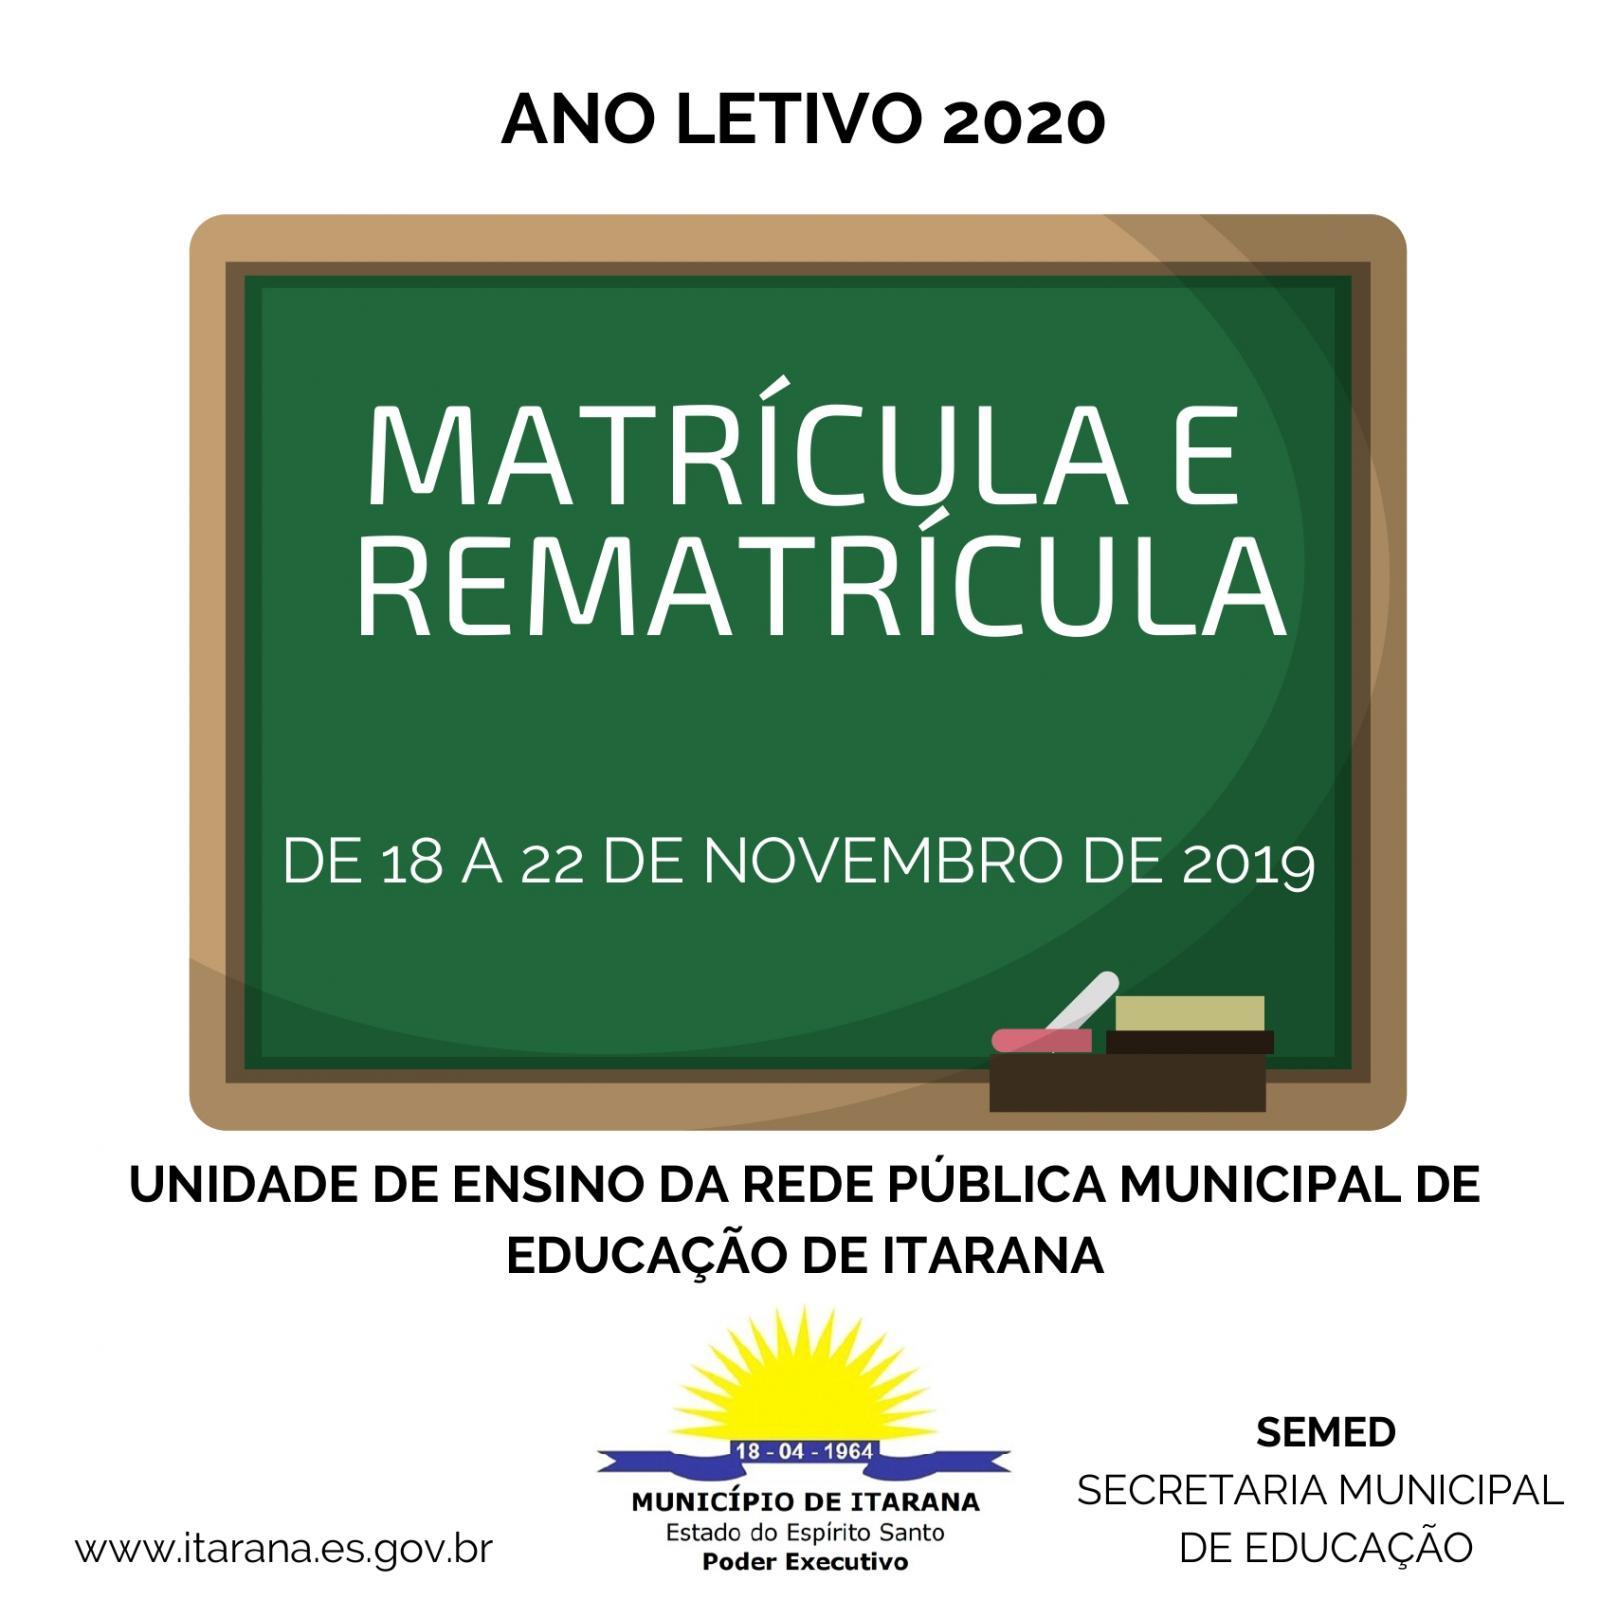 Período para matrícula e rematrícula da Rede Municipal de Educação vai de 18 a 22 de novembro